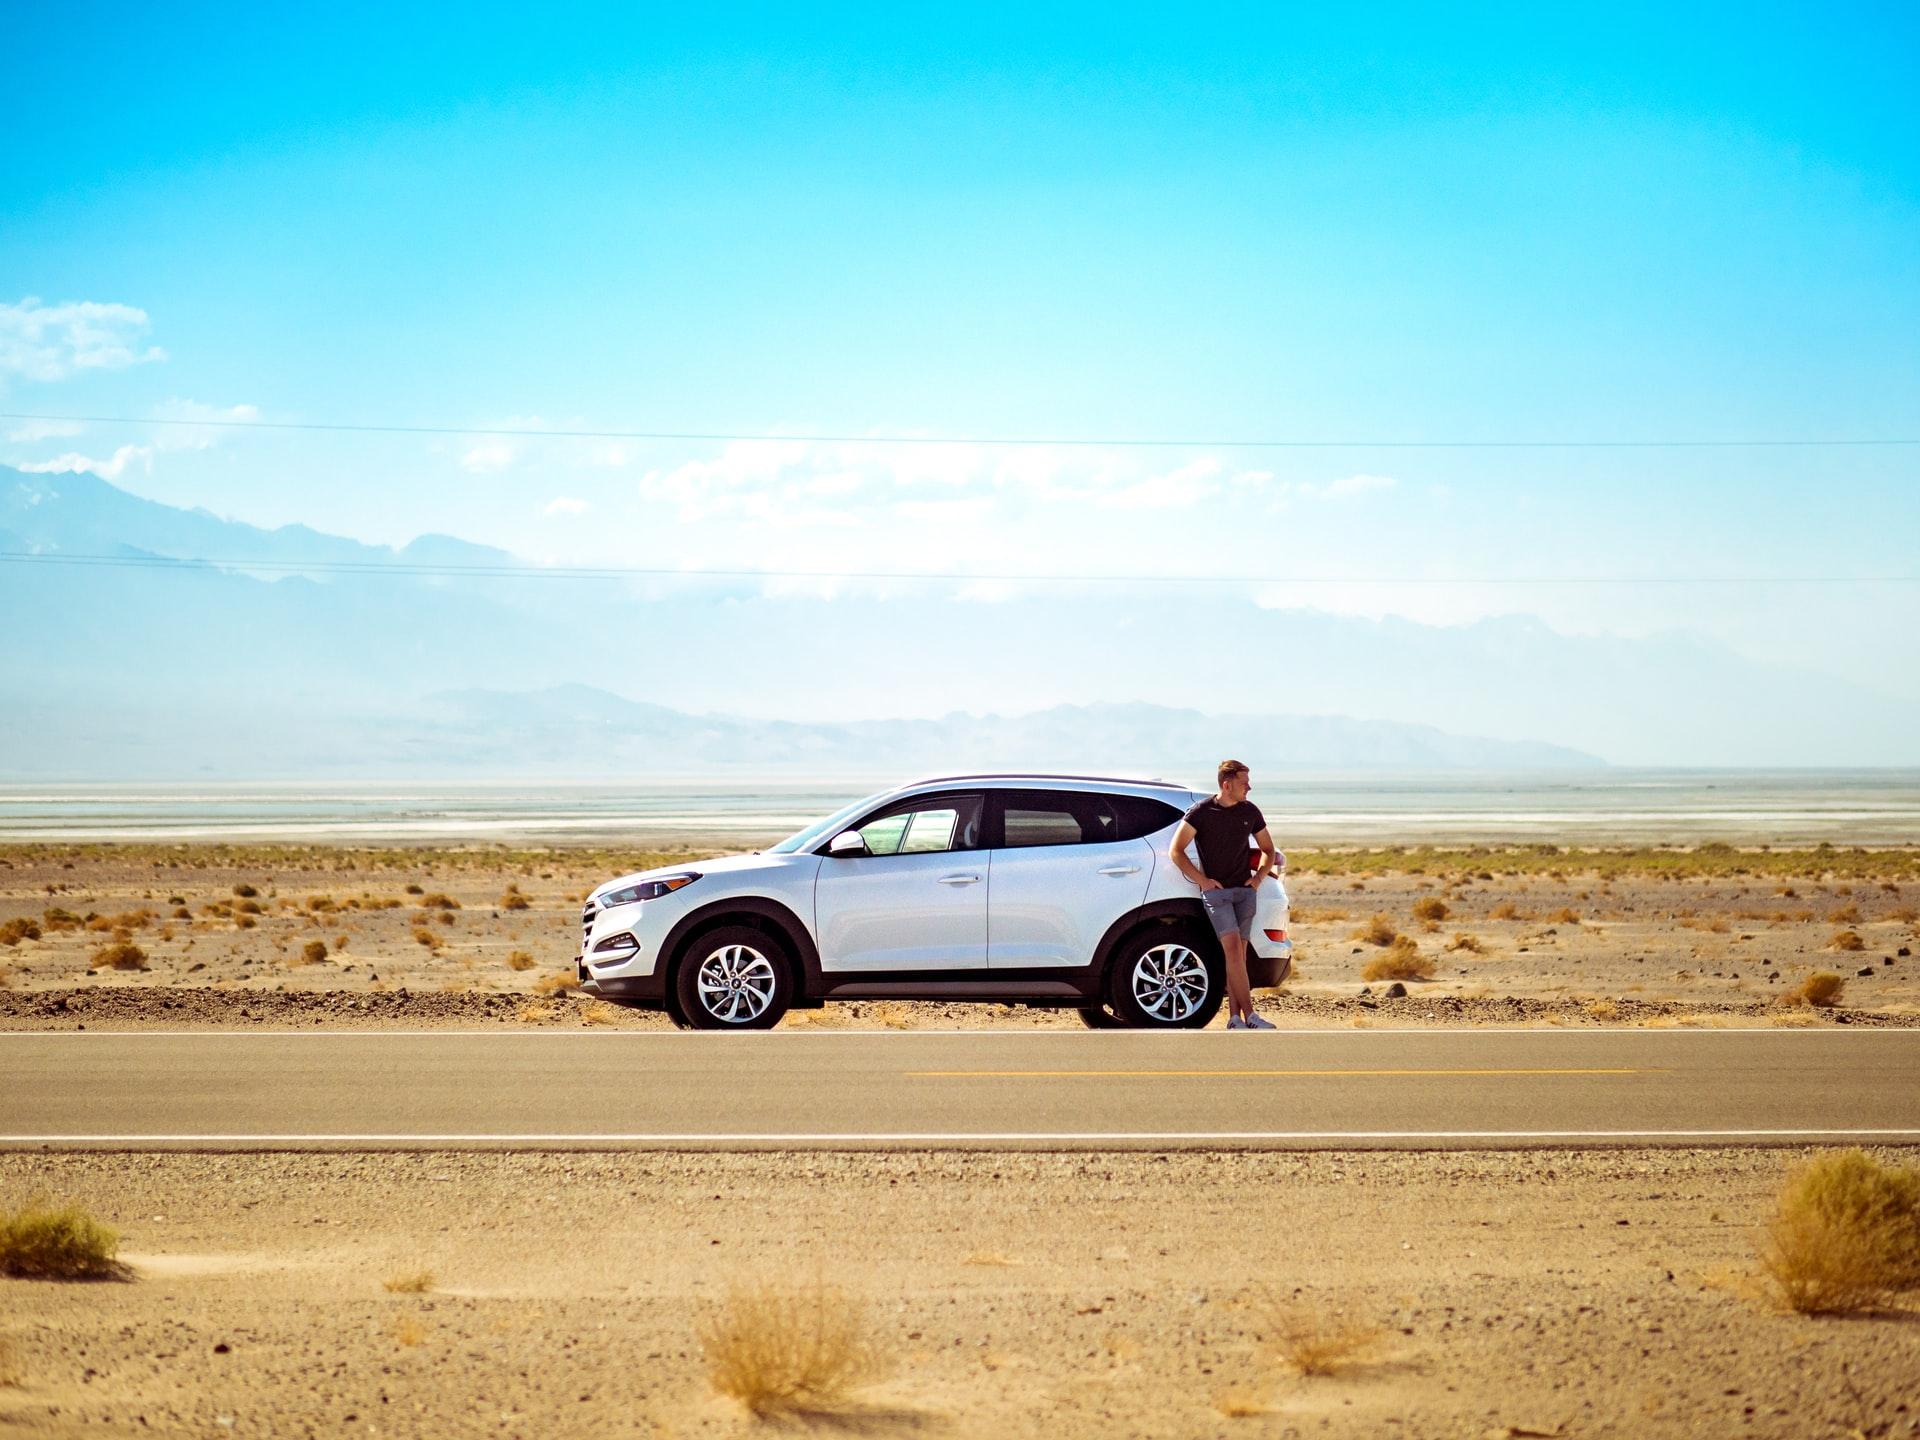 רכב בצד הכביש – ביטוח רכב פרטי